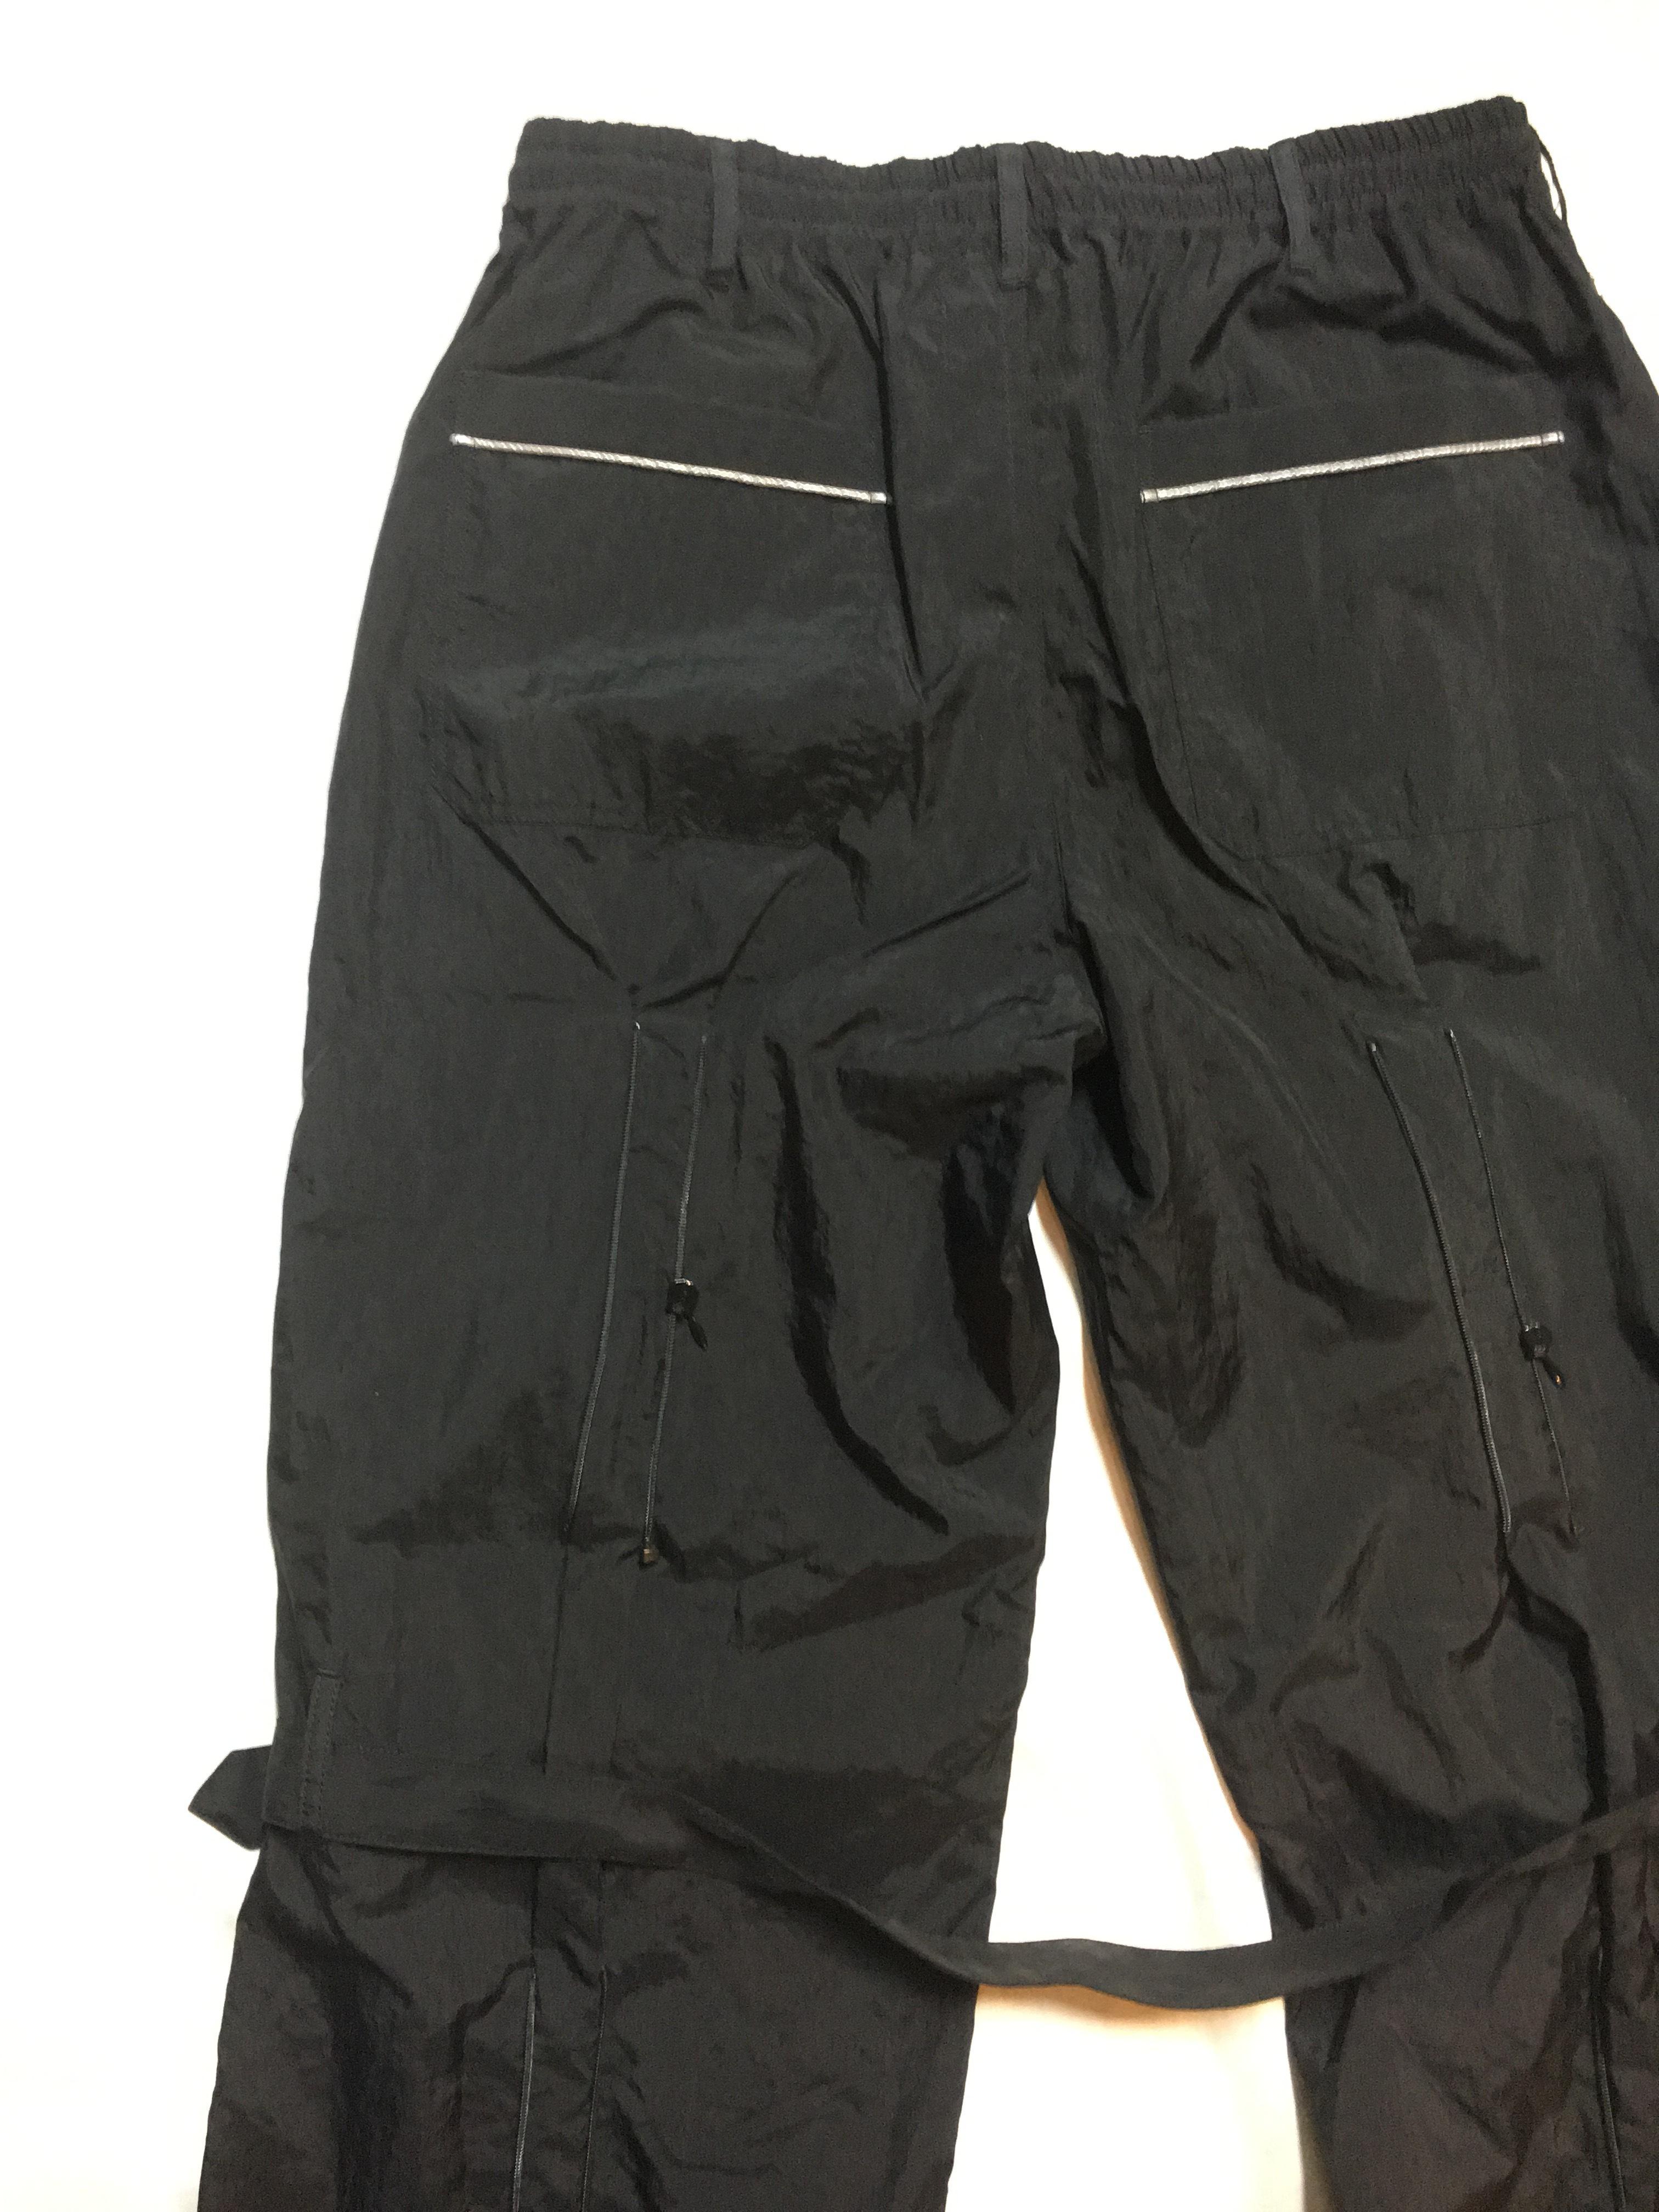 SKIN / nylon bondage pants(blk) - 画像3